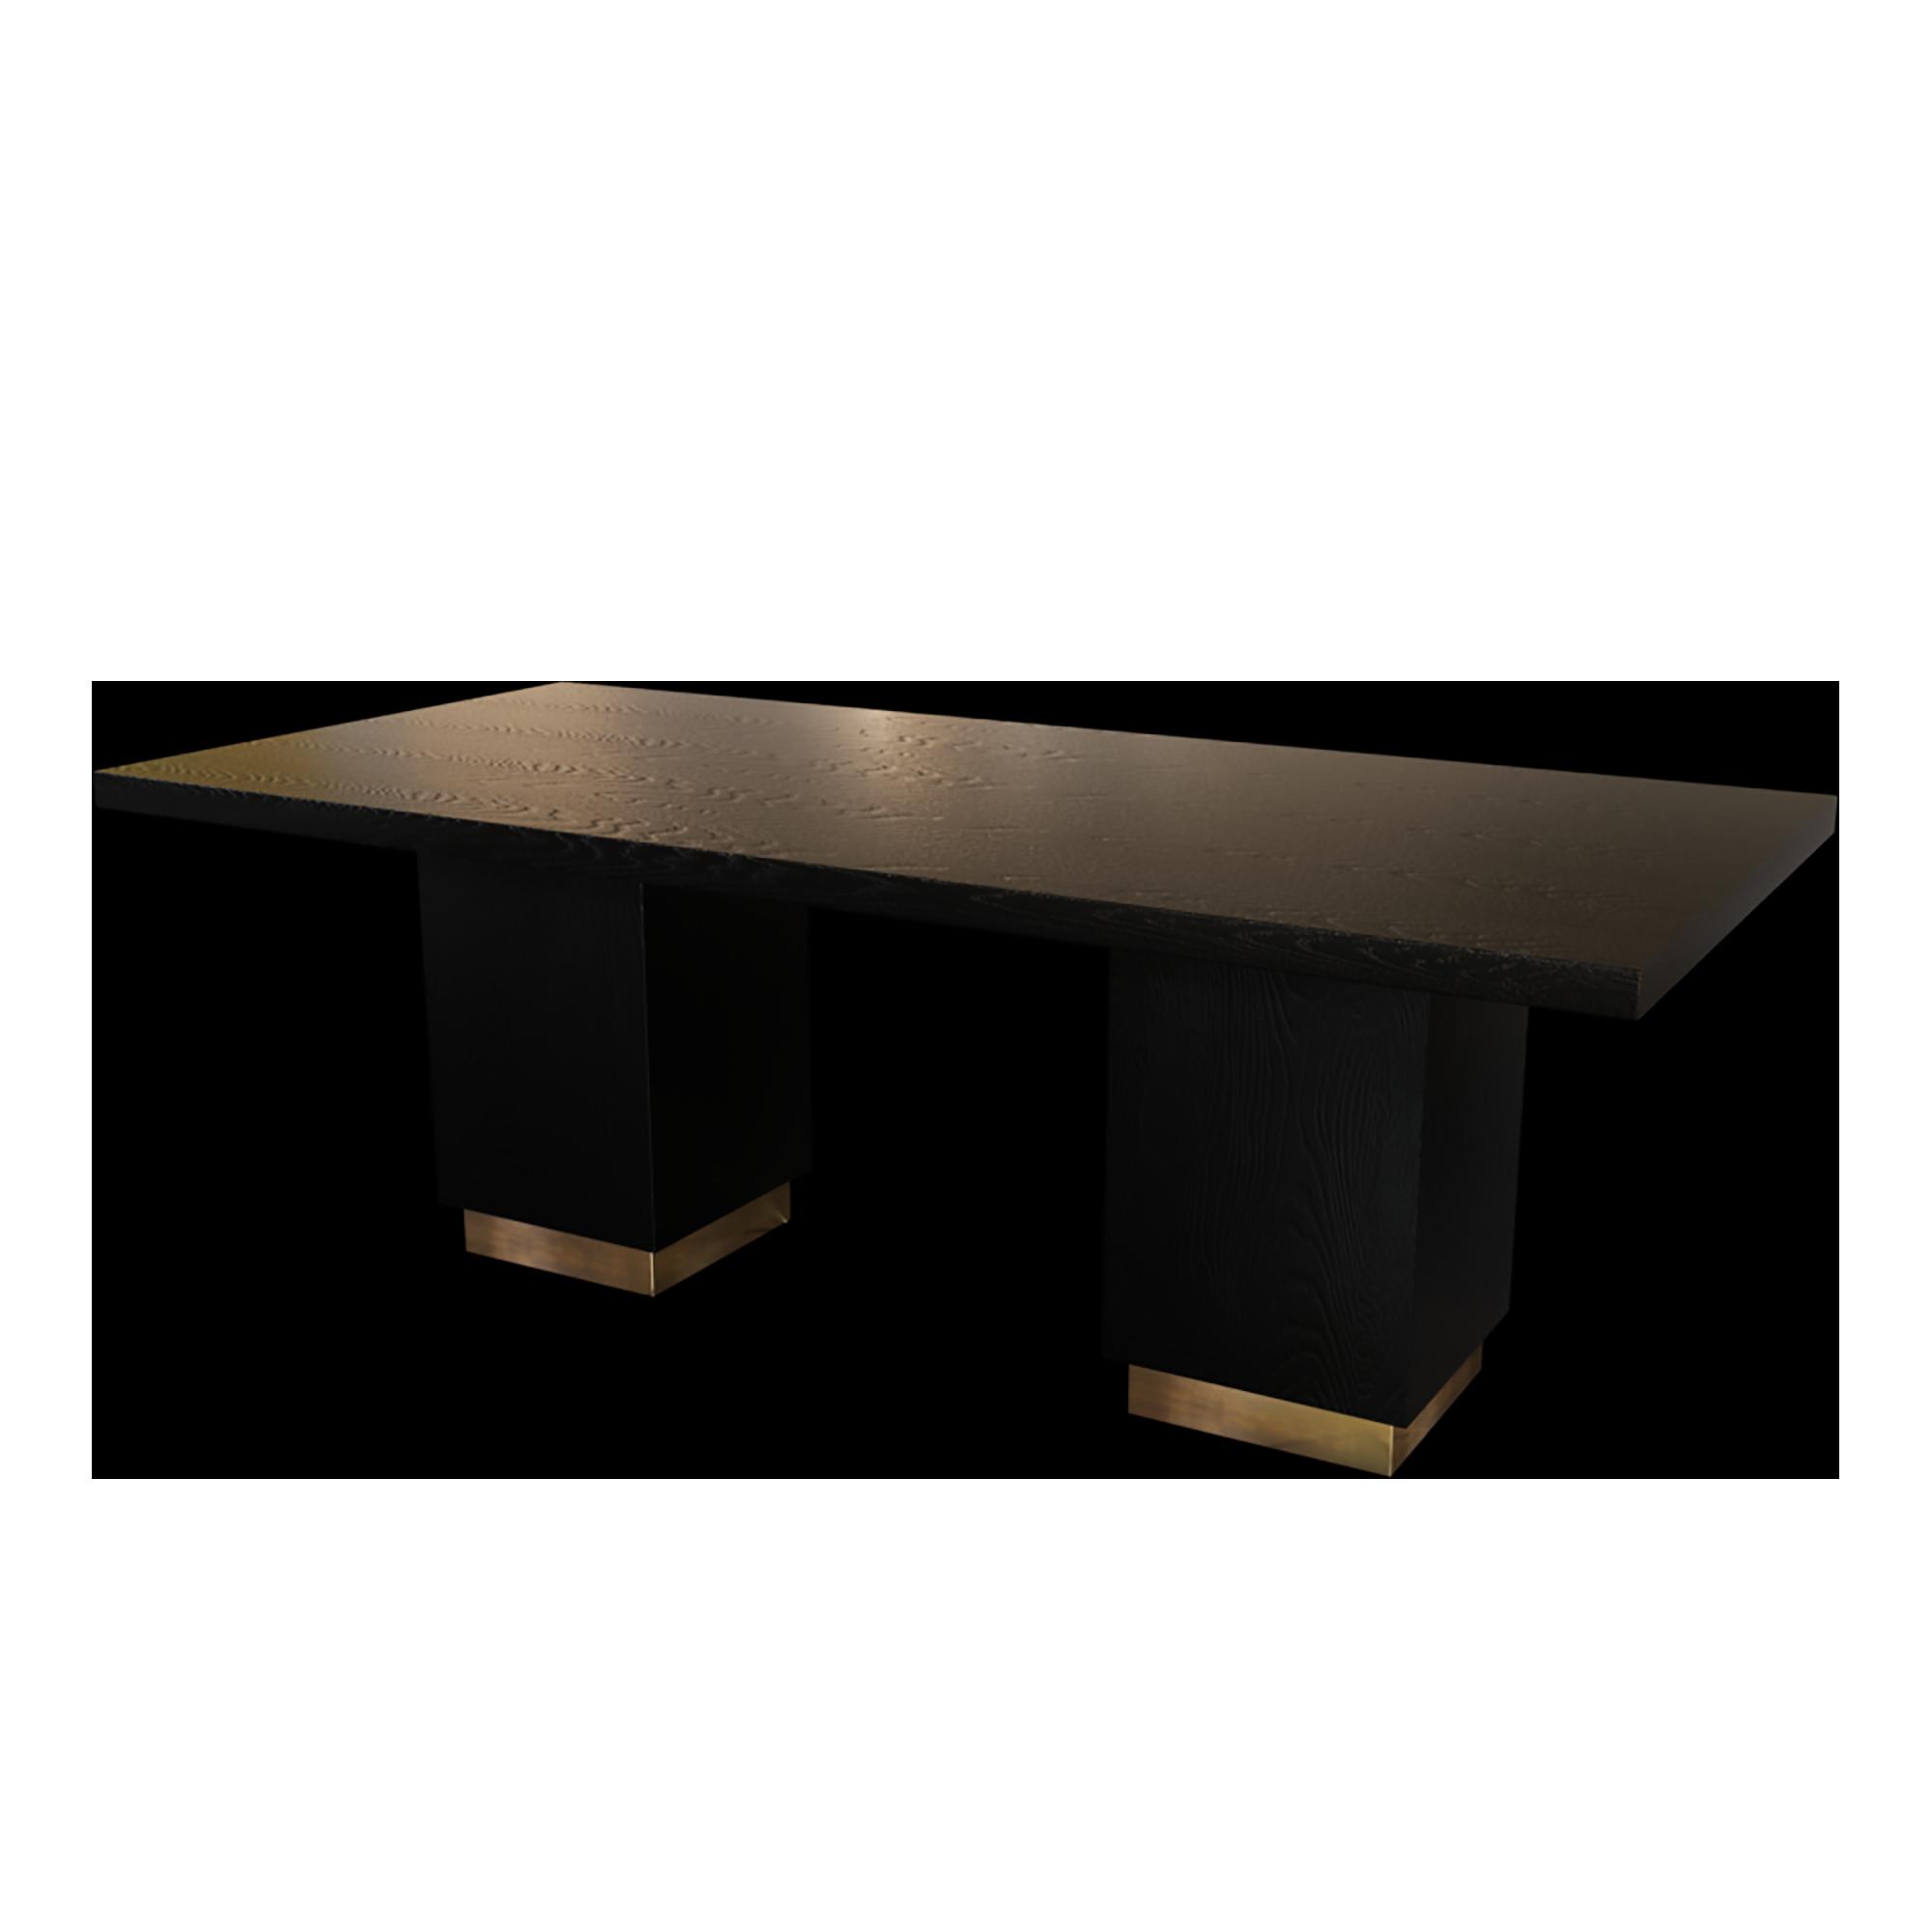 Обеденный стол Any-Home S005 - S005 | AnyHome.ru